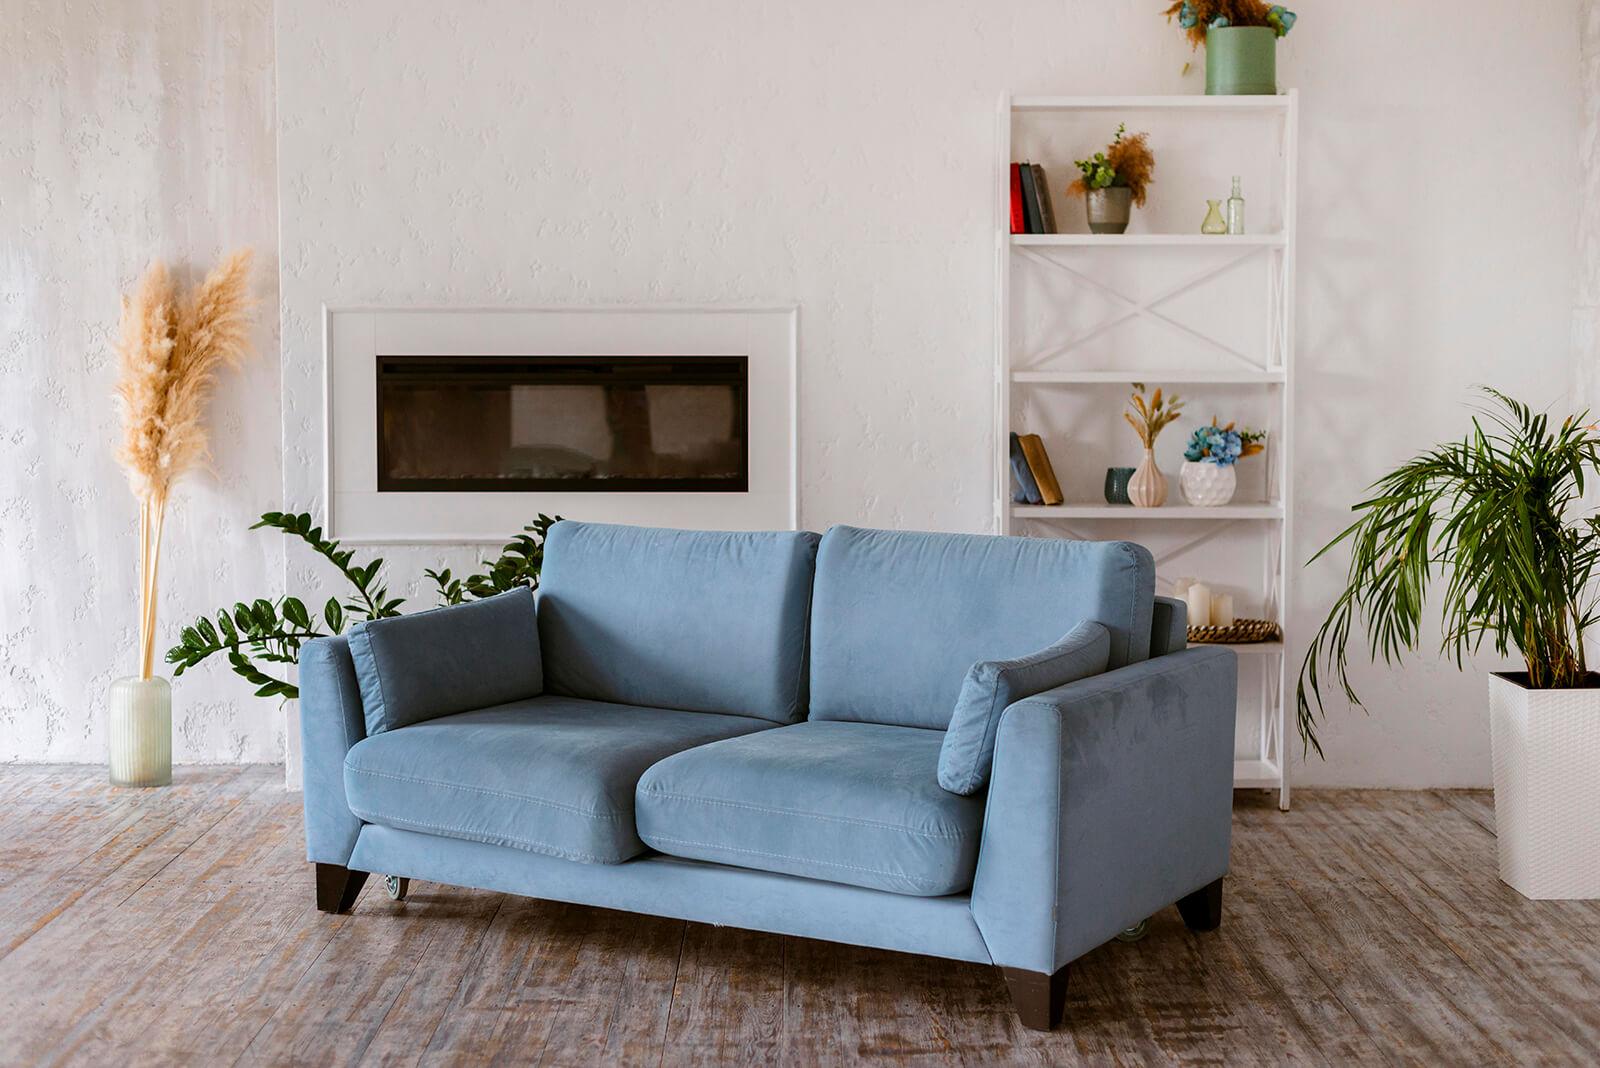 room-interior-design (3) (1)